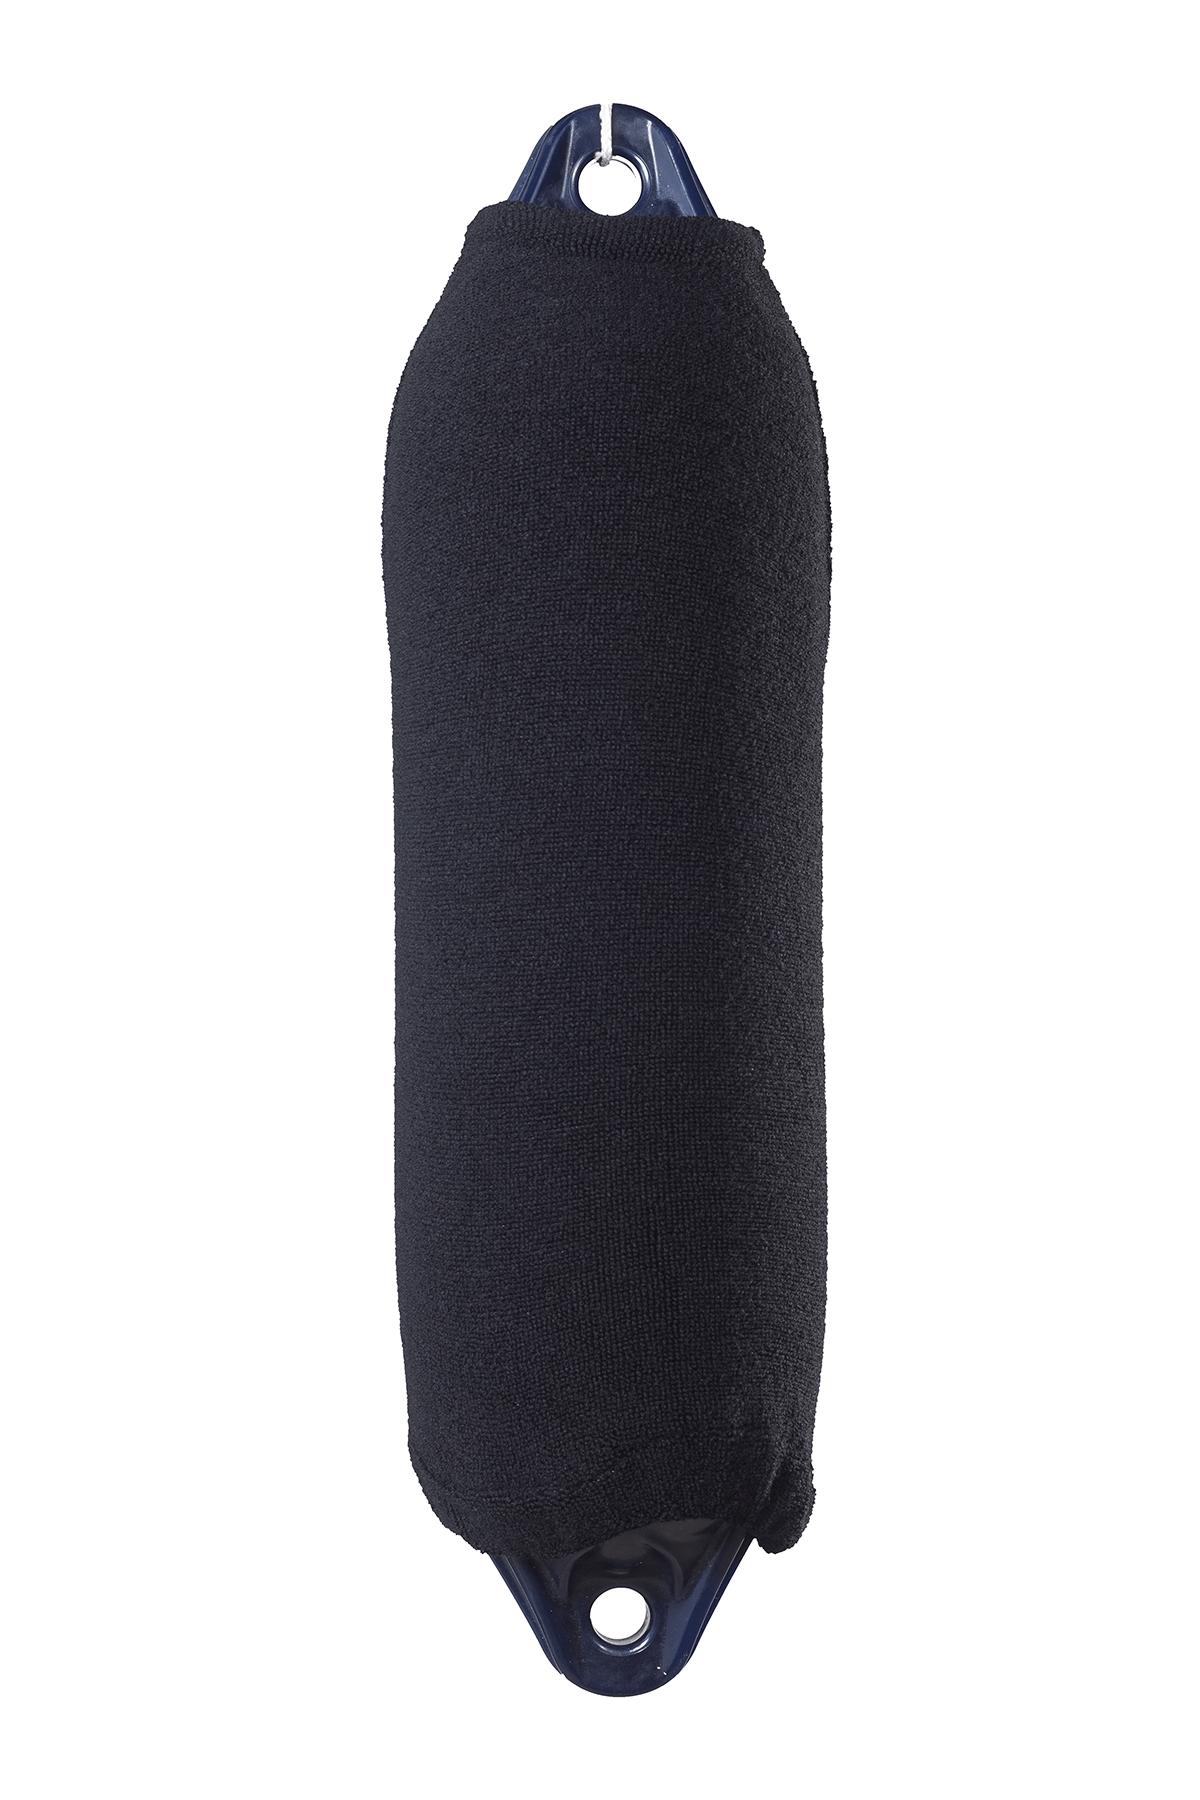 43.2 - Καλύμματα Μακρόστενων Μπαλονιών 104cm Χρώματος Μαύρου - Σετ Των 2 Τεμαχίων